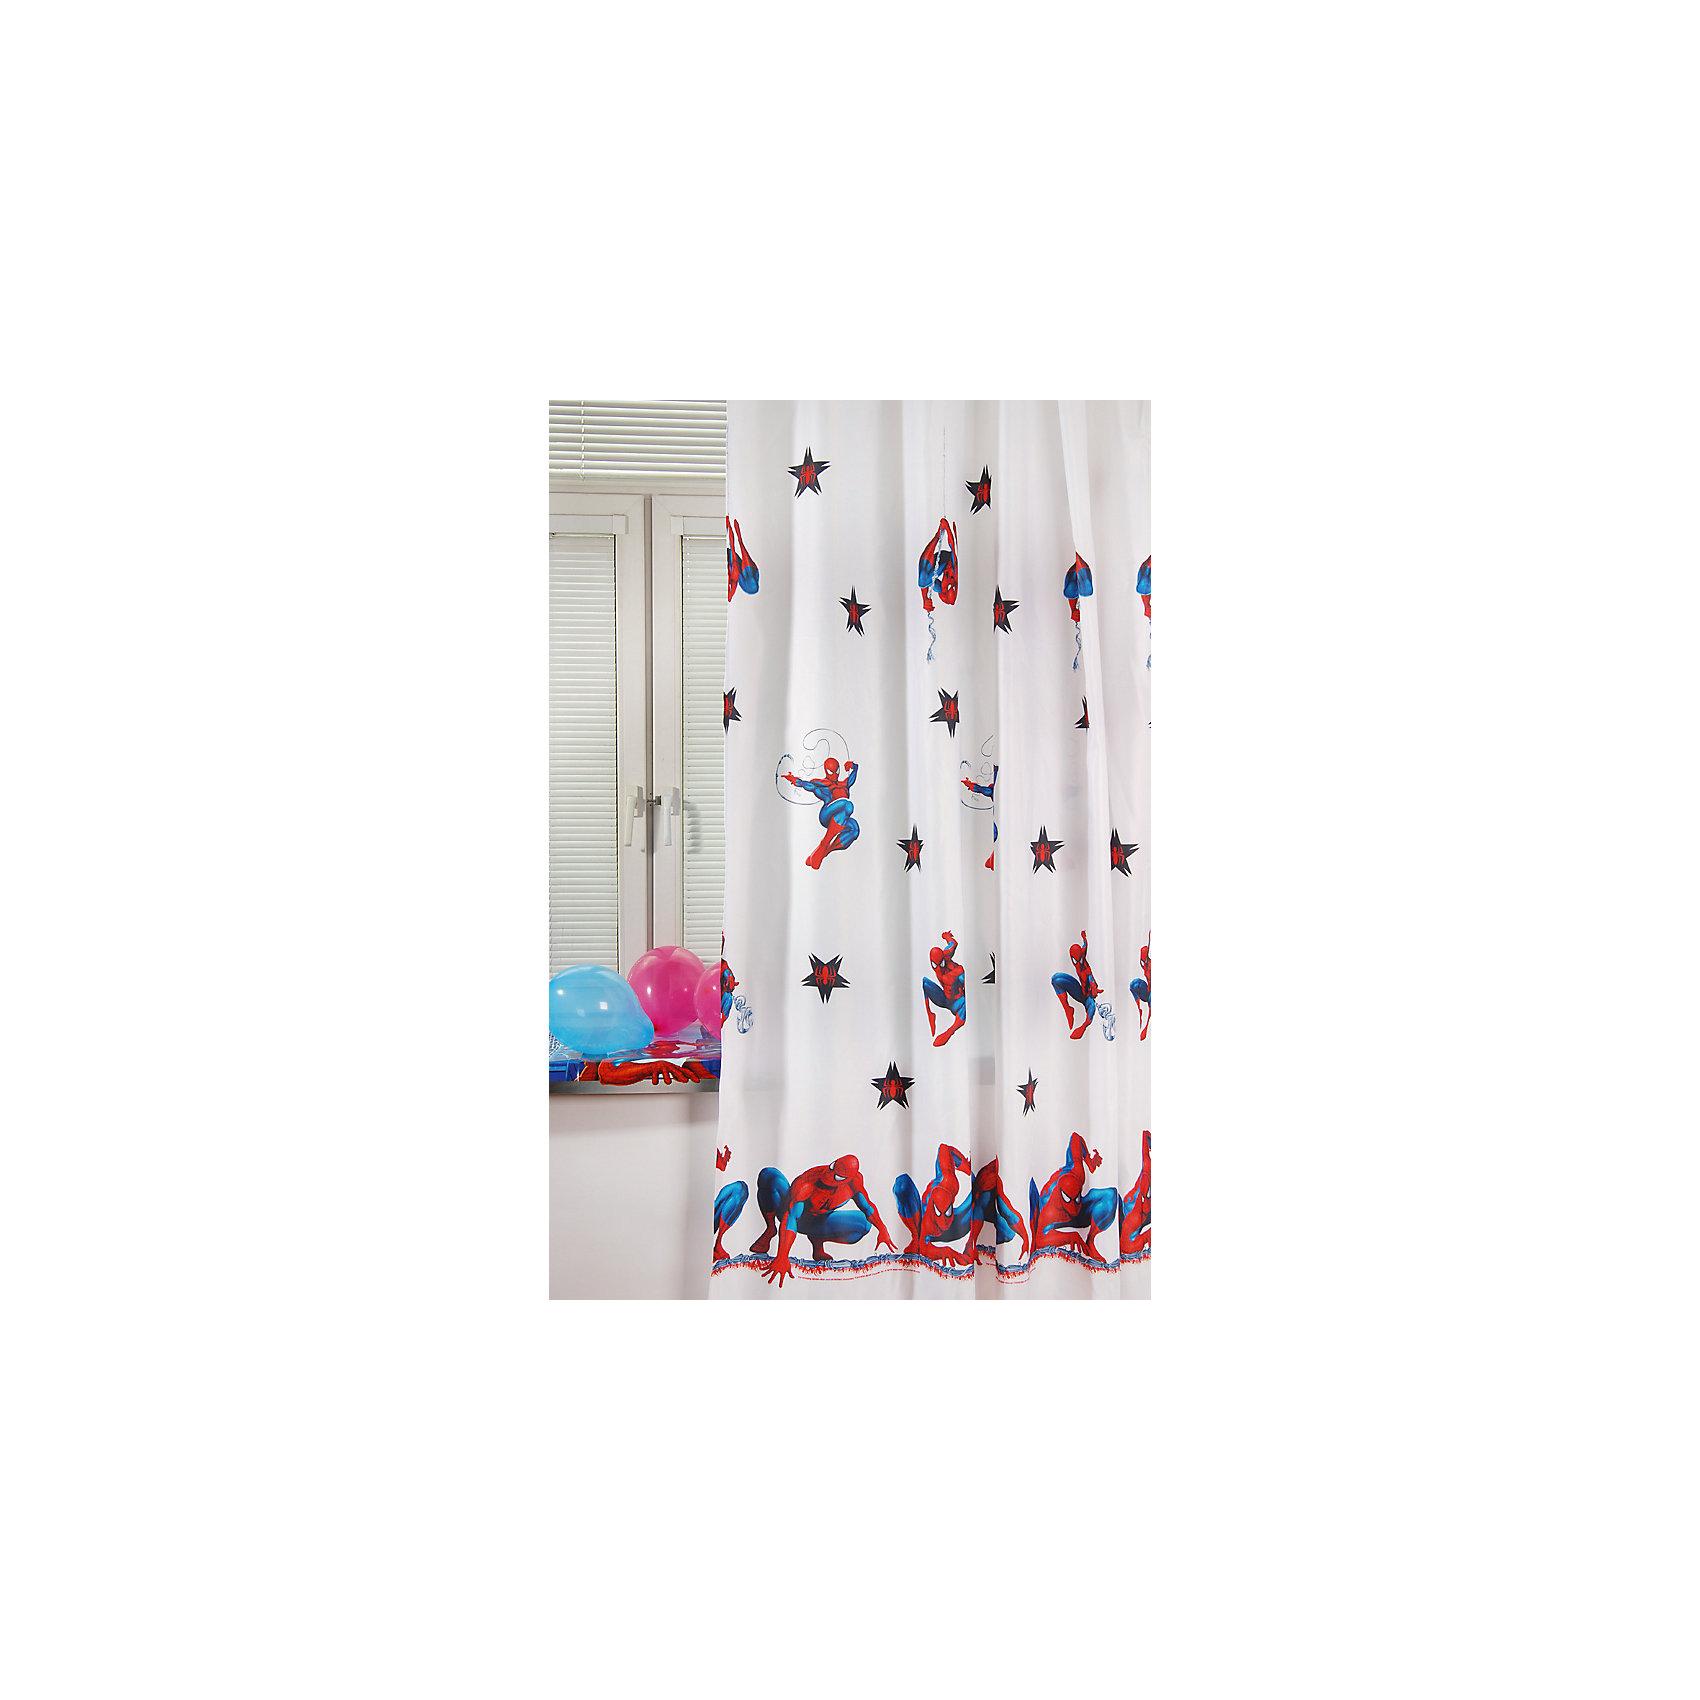 Портьера детская Spiderman, 200х265см, TAC, белыйДомашний текстиль<br>200*265<br><br>Ширина мм: 200<br>Глубина мм: 50<br>Высота мм: 180<br>Вес г: 1100<br>Возраст от месяцев: 0<br>Возраст до месяцев: 144<br>Пол: Унисекс<br>Возраст: Детский<br>SKU: 6861920